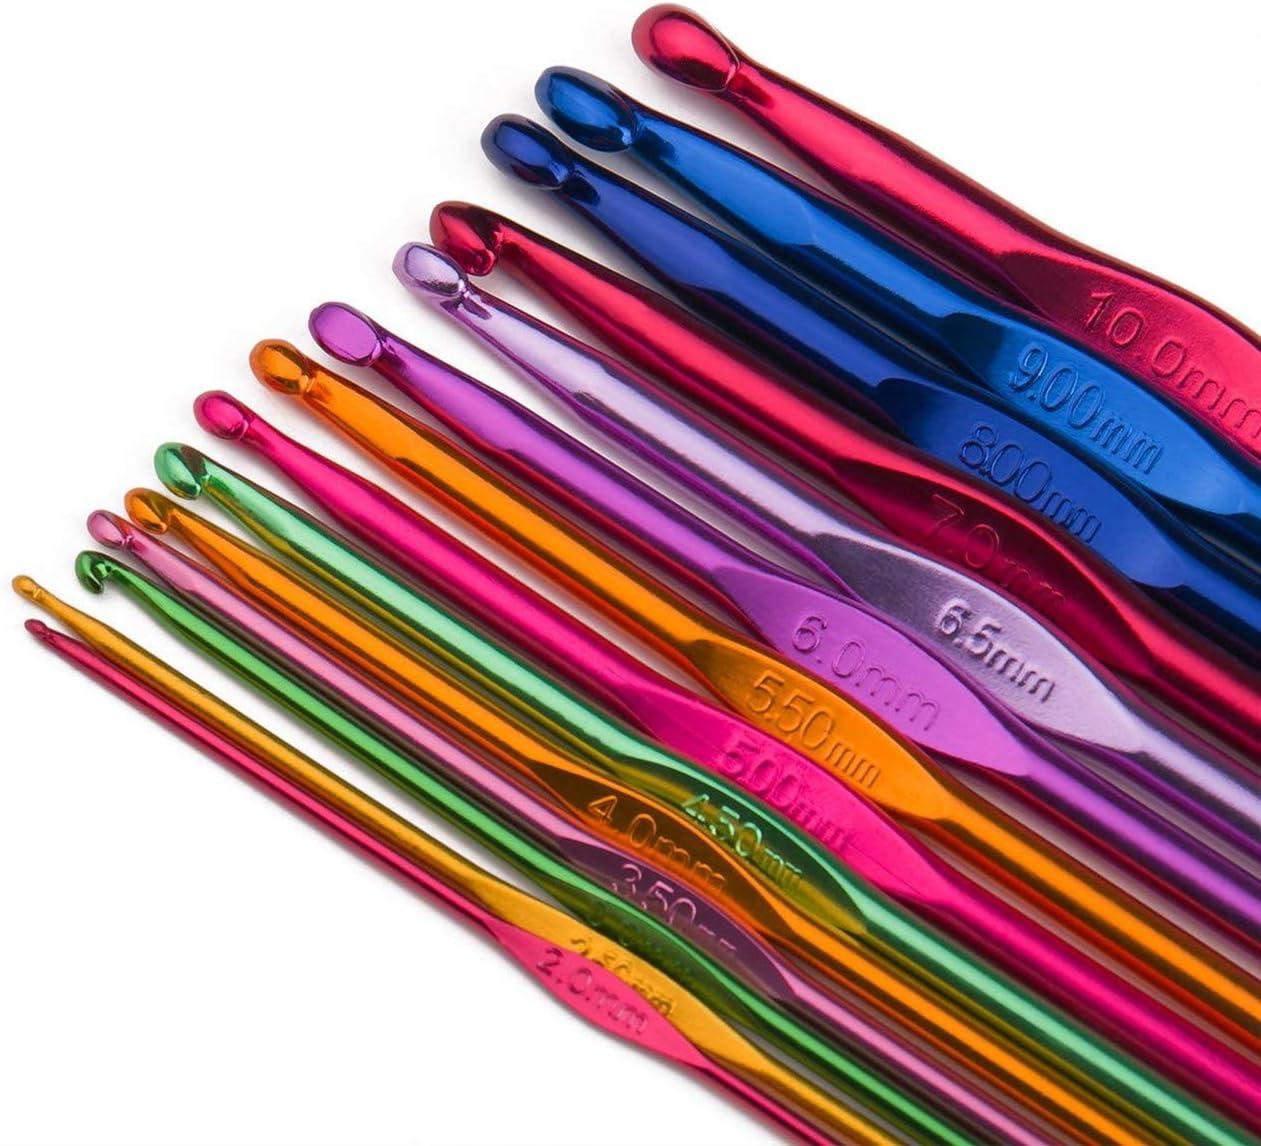 Luxbon Conjunto de 14 Tamaños Ganchos de Ganchillo de Aluminio Multicolor Establece Agujas de Tejer 2 mm-10 mm en Una Cartera de Plástico Dividido / Caja